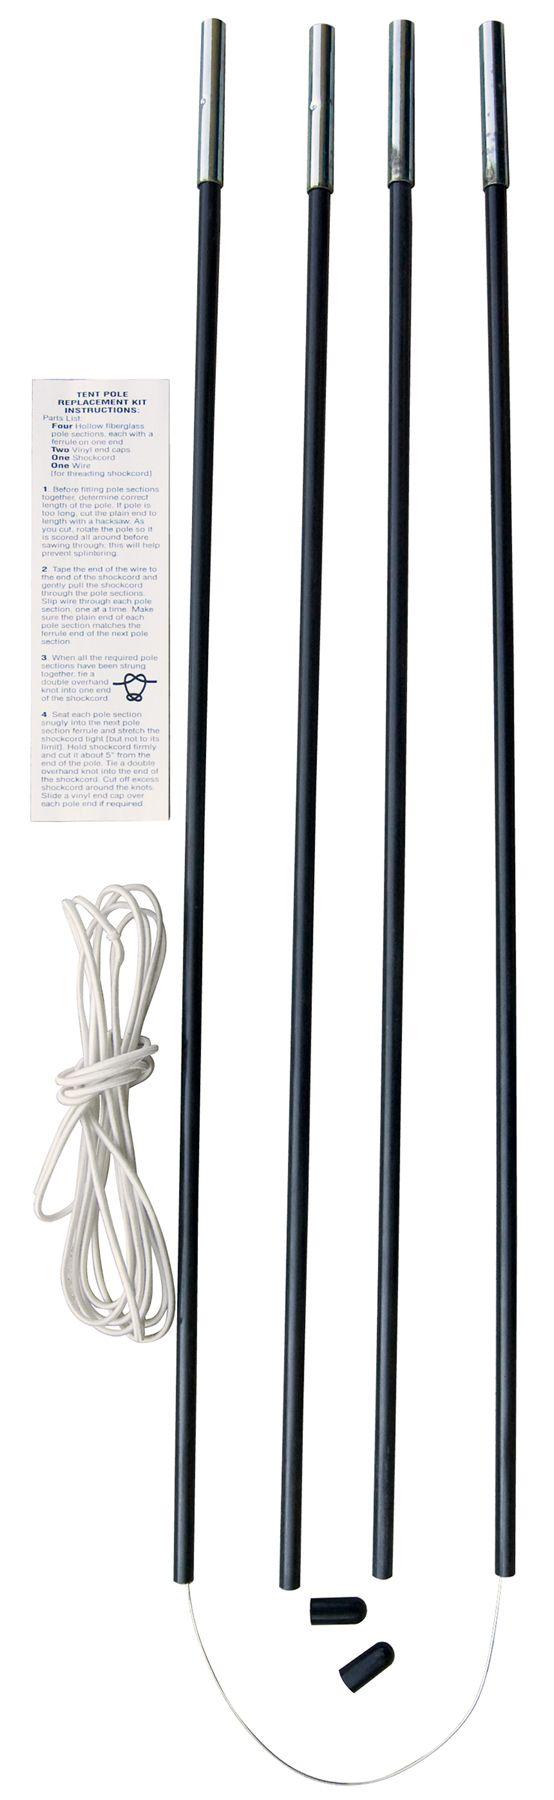 Eureka! 11mm Fiberglass Tent Pole Repair/Replacement Kit  sc 1 st  Field u0026 Stream & Eureka! 11mm Fiberglass Tent Pole Repair/Replacement Kit | Field ...